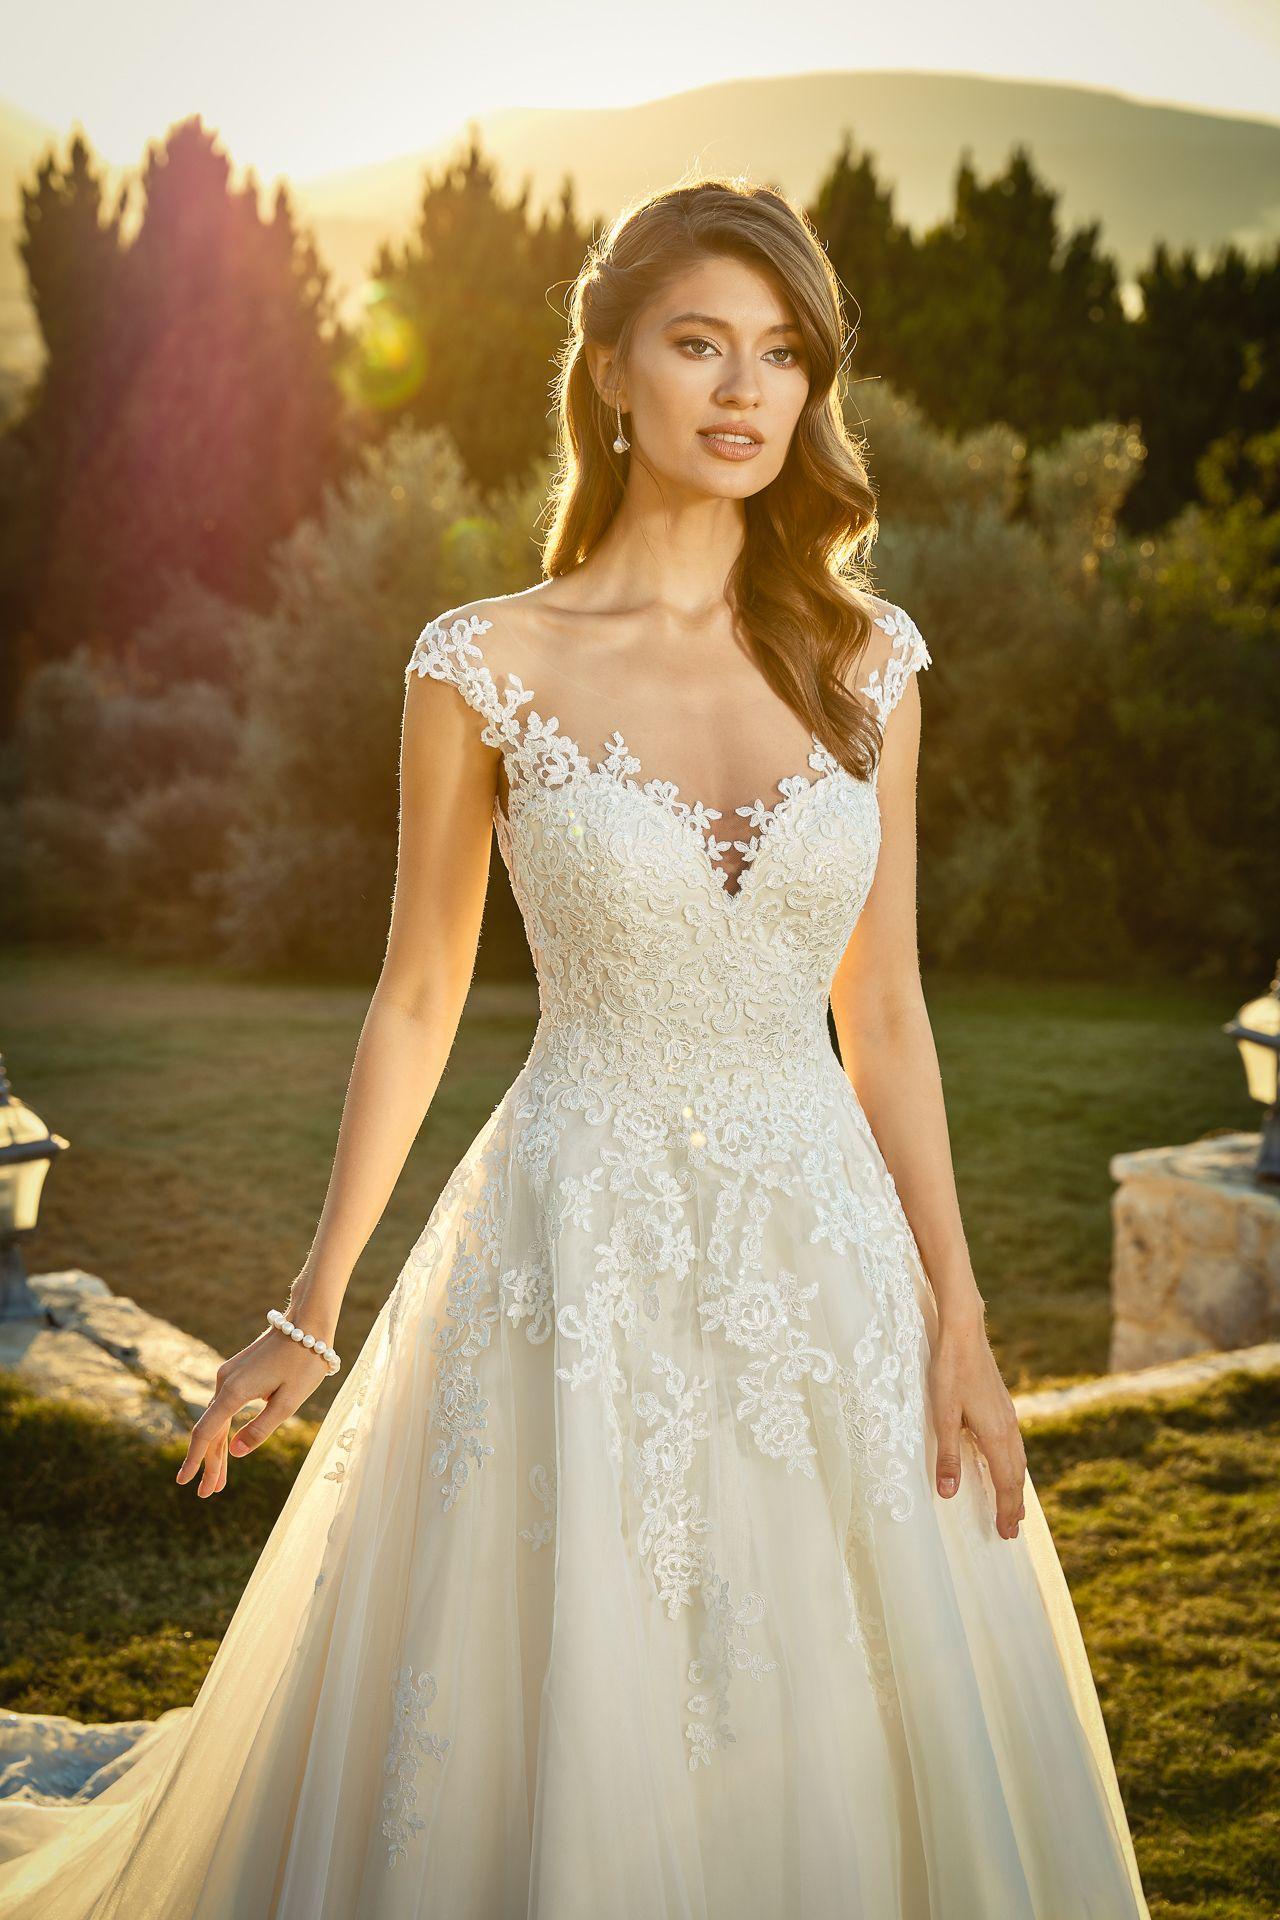 Eddy K Bridal 11 in 11  Kleider hochzeit, Hochzeitskleid